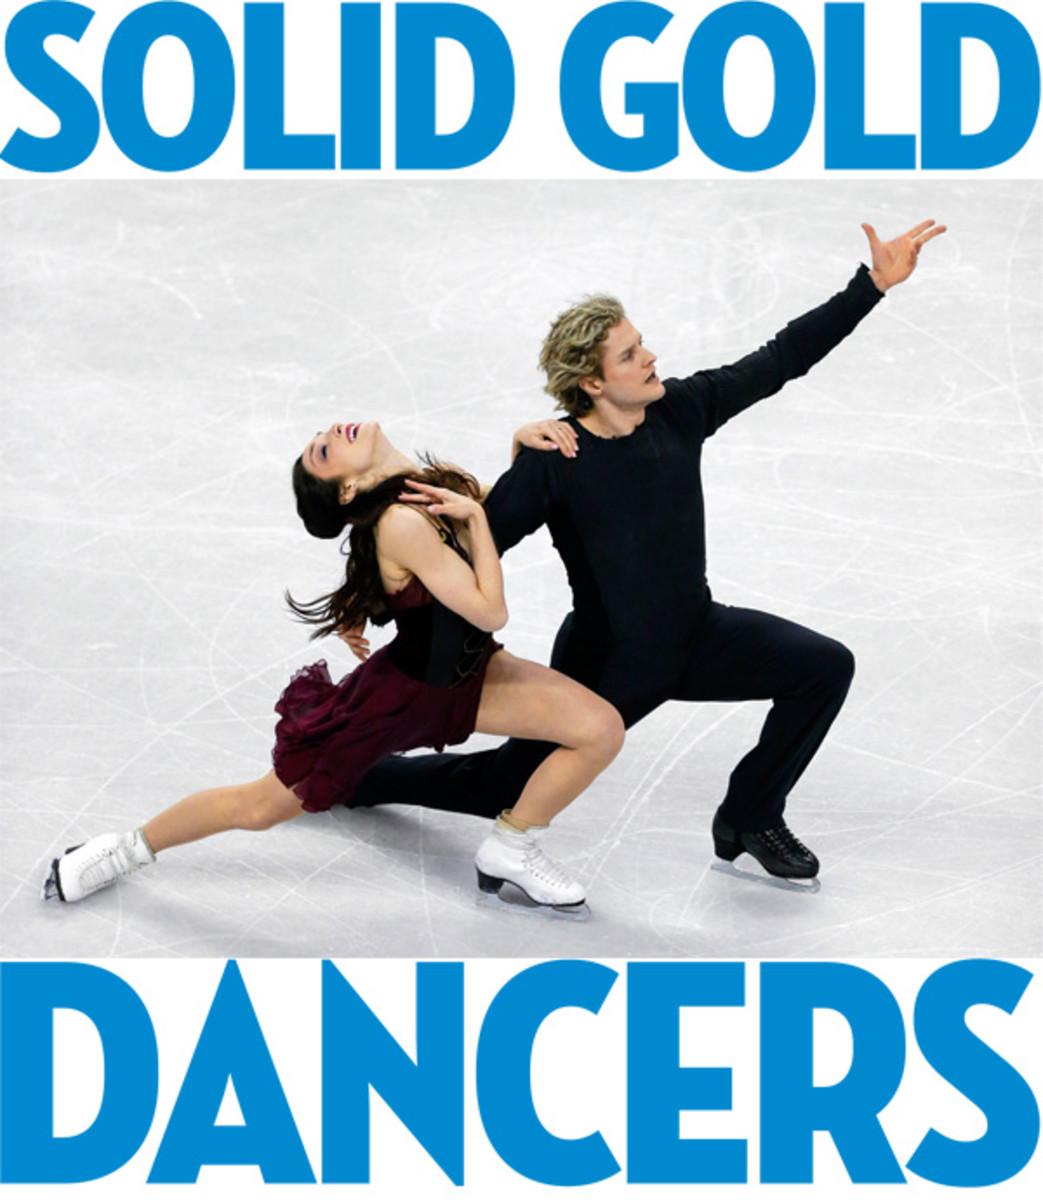 meryl davis charlie white ice dancing sochi 2014 winter olympics